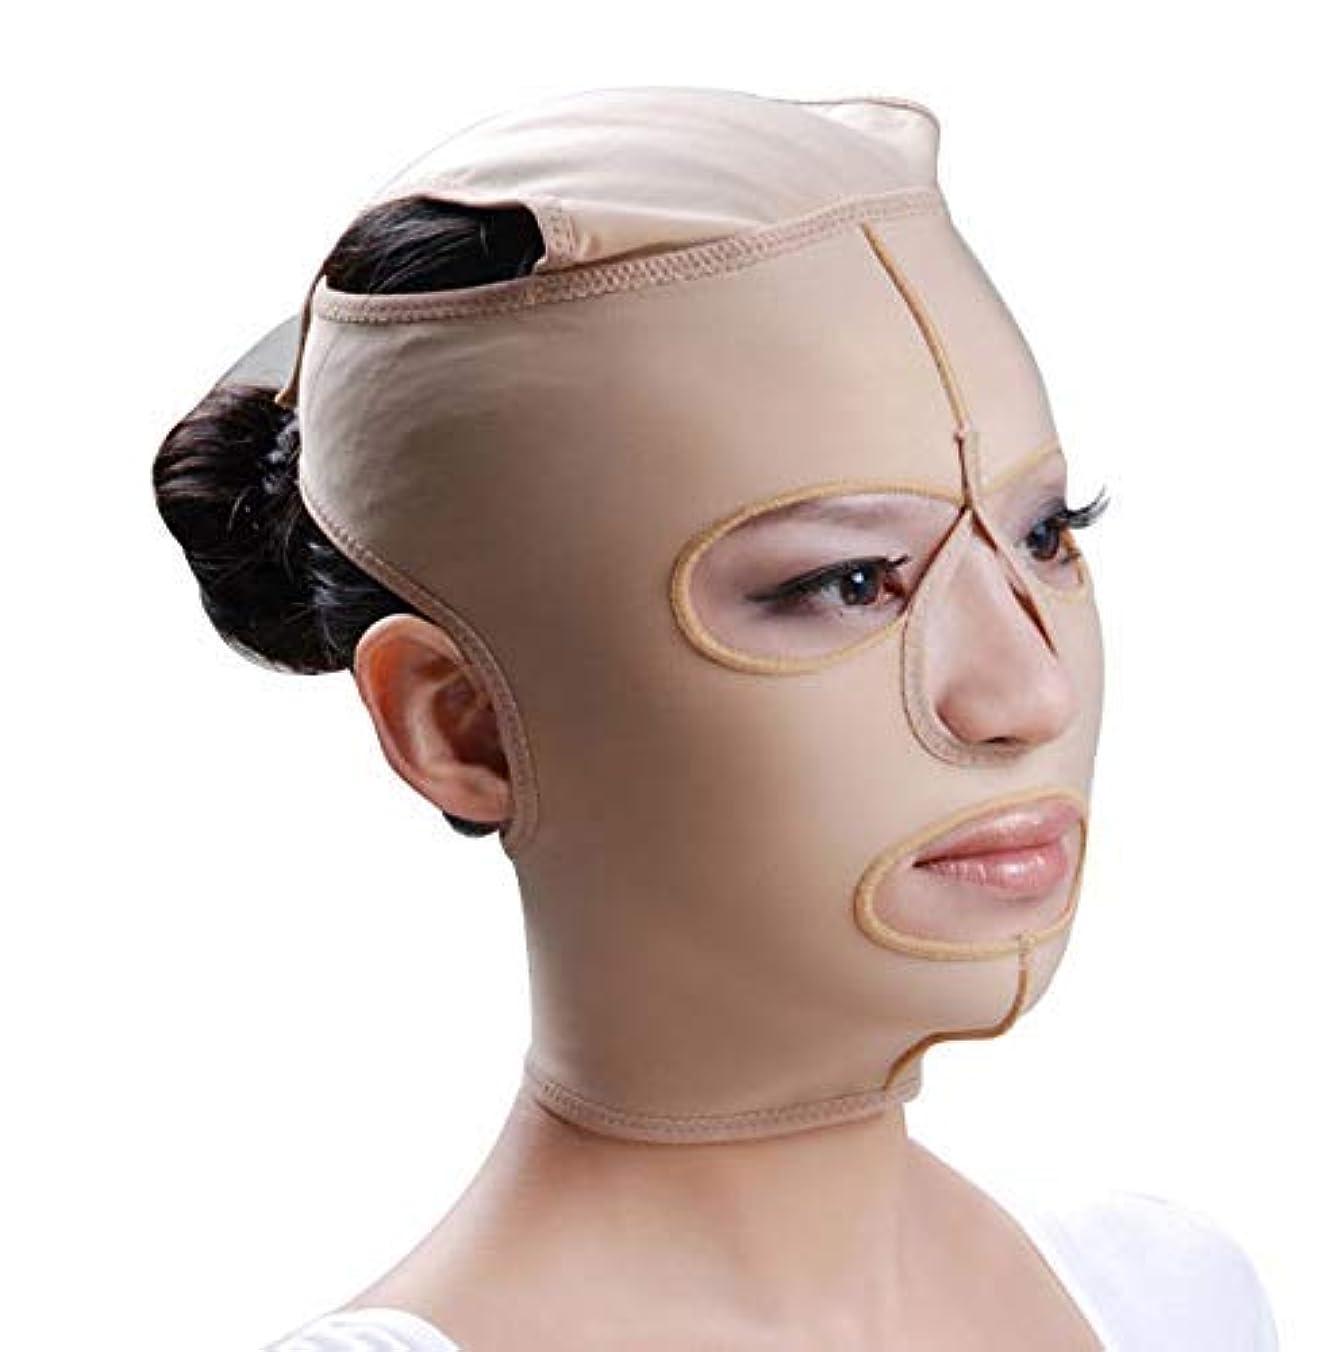 オーロックコンチネンタル徒歩でファーミングフェイスマスク、フェイシャルマスクエラスティックフェイスリフティングリフティングファーミングパターンマイクロフィニッシングポストモデリングコンプレッションフェイスマスク(サイズ:S),Xl